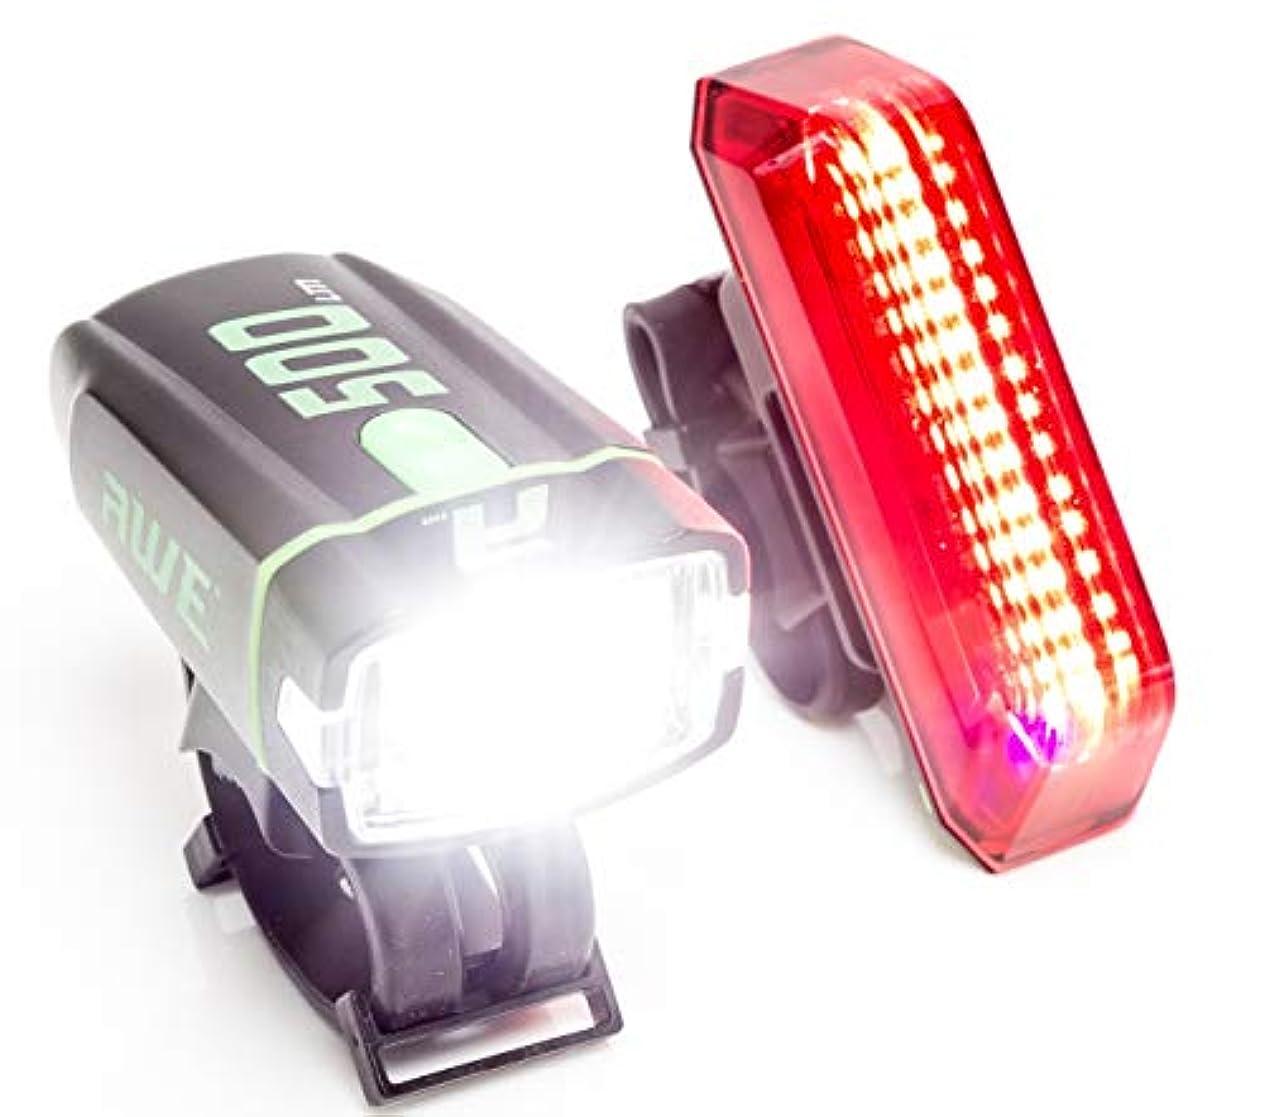 セクタ過半数サージAWE 500ALARM USB充電式 自転車用 前方& 後方 ライトセット 眼が眩むほど明るい! 530ルーメン 80デシベルの強力アラーム!